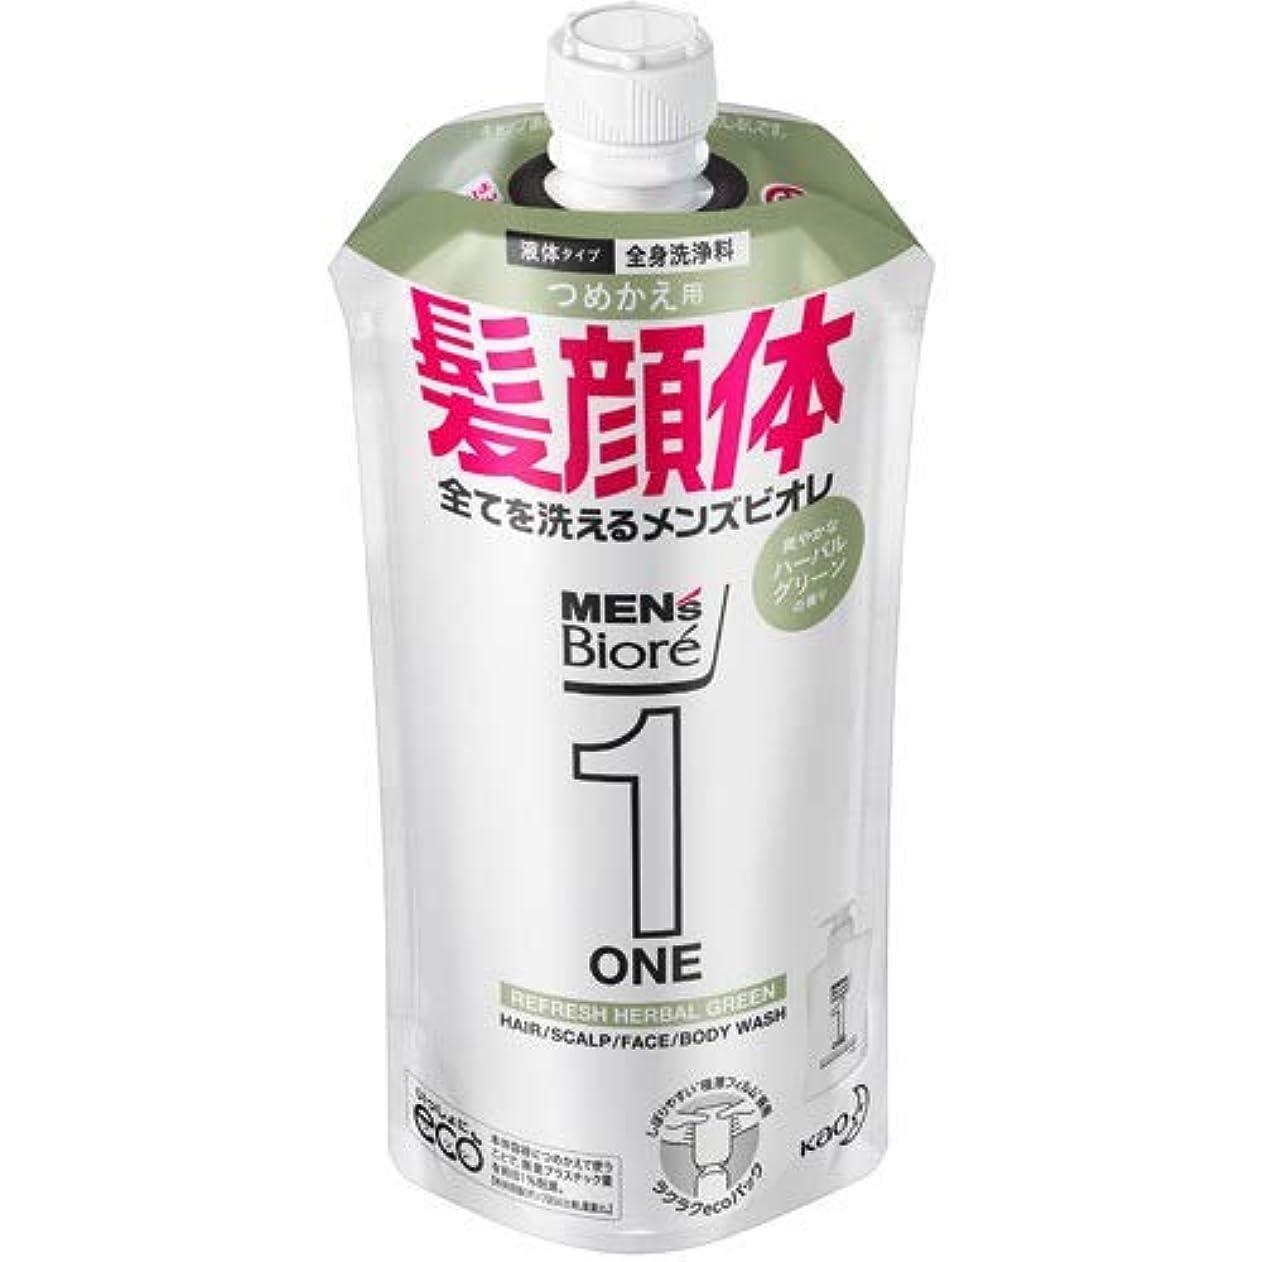 受け入れ前兆アンテナ【10個セット】メンズビオレONE オールインワン全身洗浄料 爽やかなハーブルグリーンの香り つめかえ用 340mL